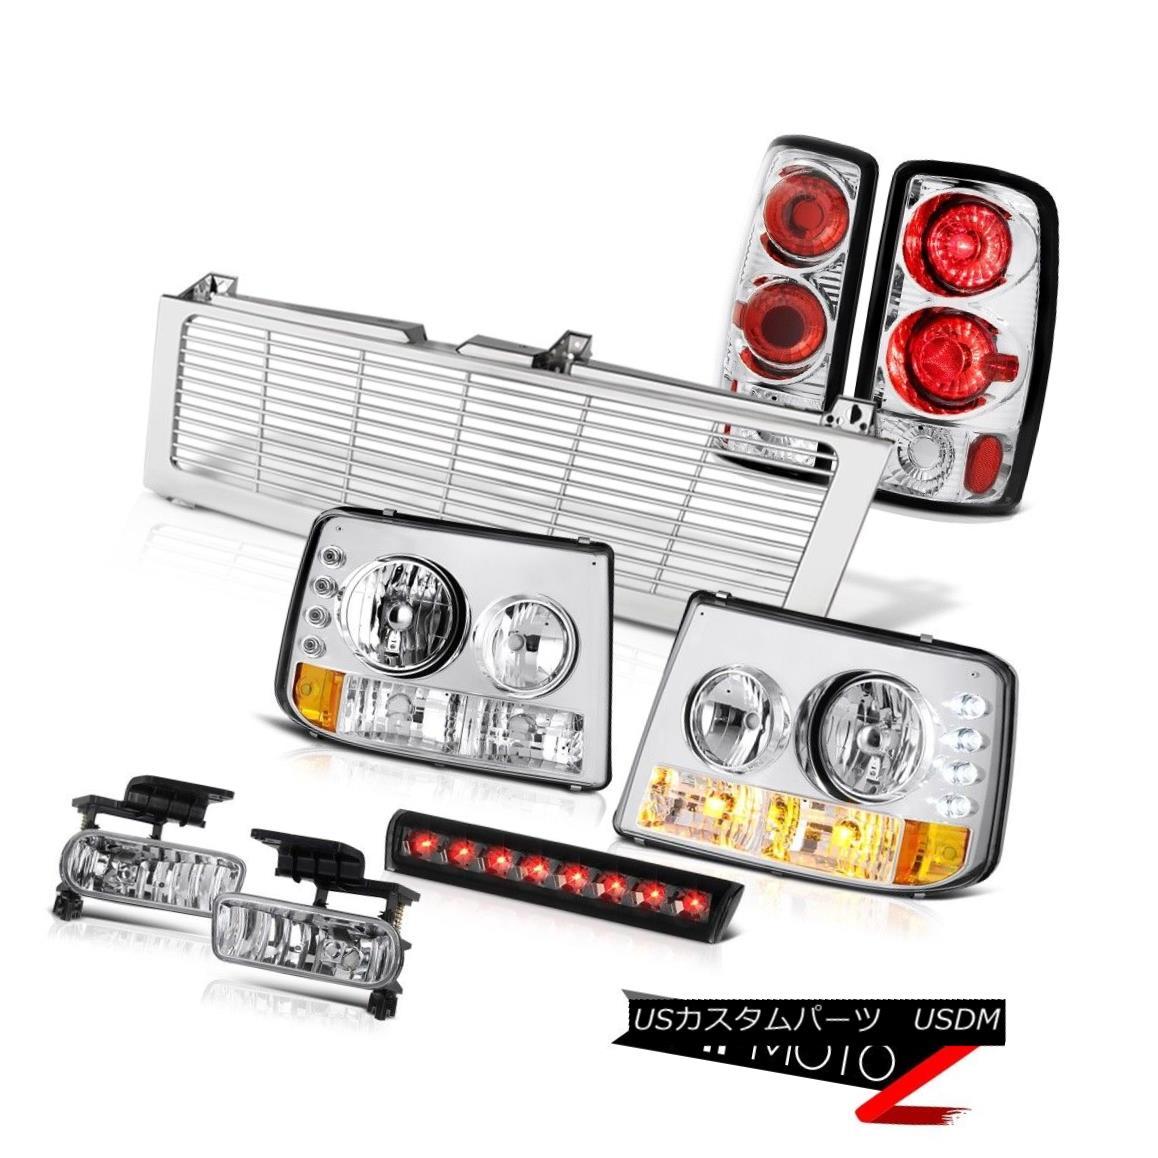 ヘッドライト Euro Headlights Rear Signal Tail Lights Clear Fog Stop LED 00-06 Chevy Suburban ユーロヘッドライトリアシグナルテールライトクリアフォグストップLED 00-06 Chevy Suburban